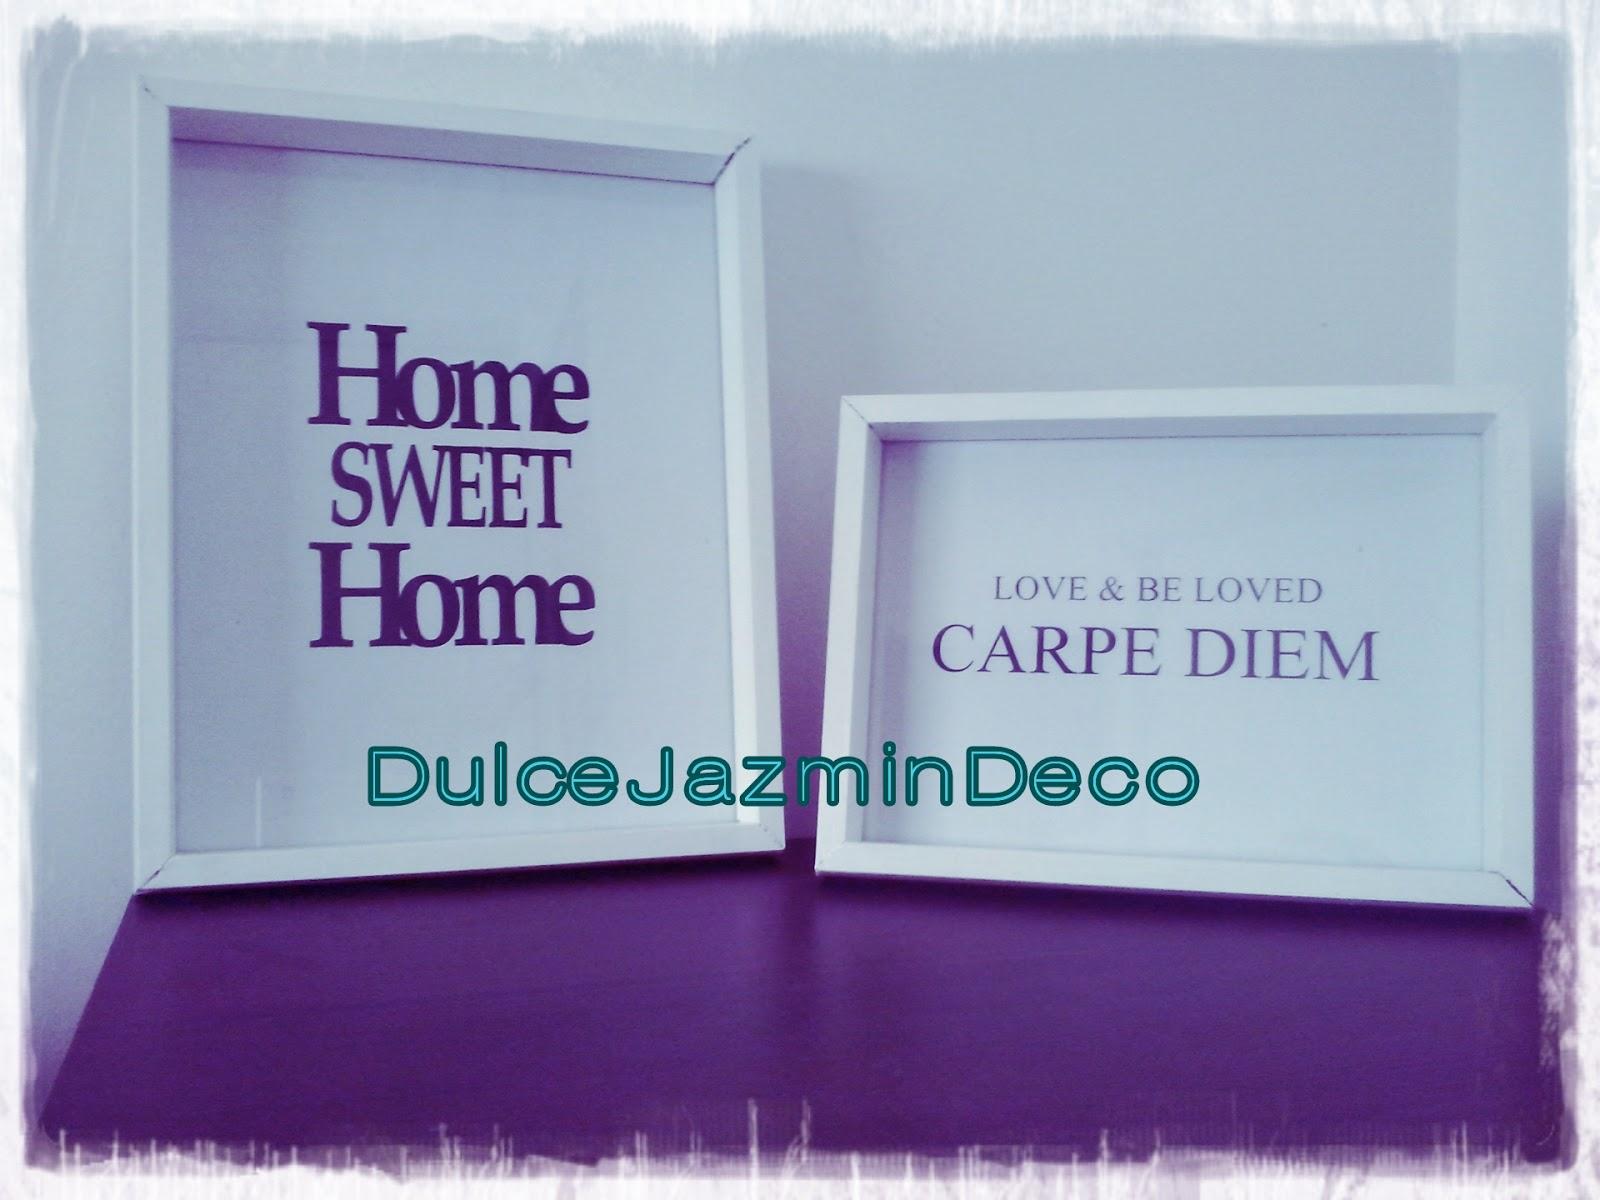 Cuadros con frases porta retratos decoracion hogar for Cuadros decoracion hogar